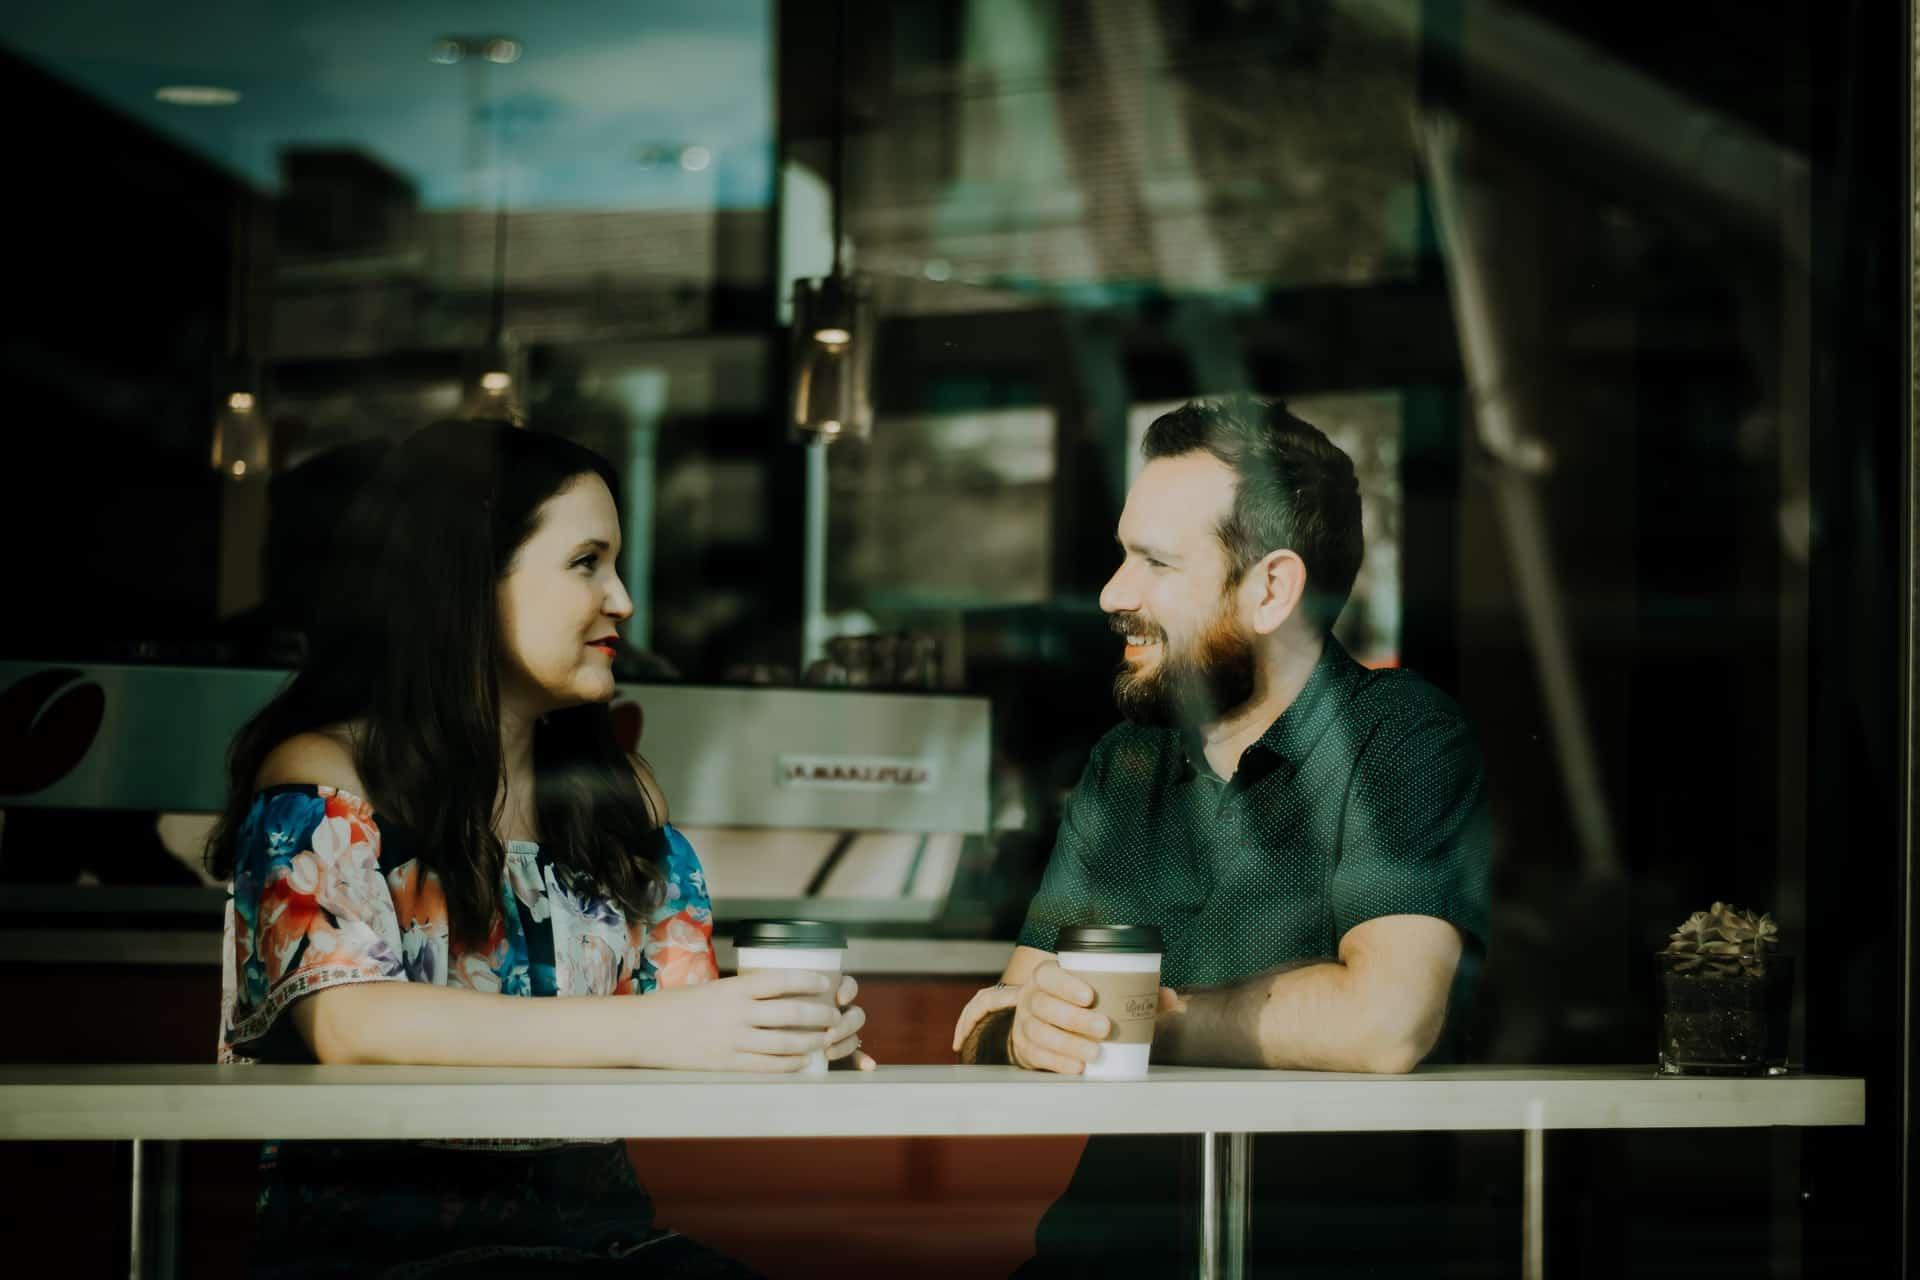 Ein Mann mit Bart und einem Lächeln, der mit einer Frau in einem Café spricht